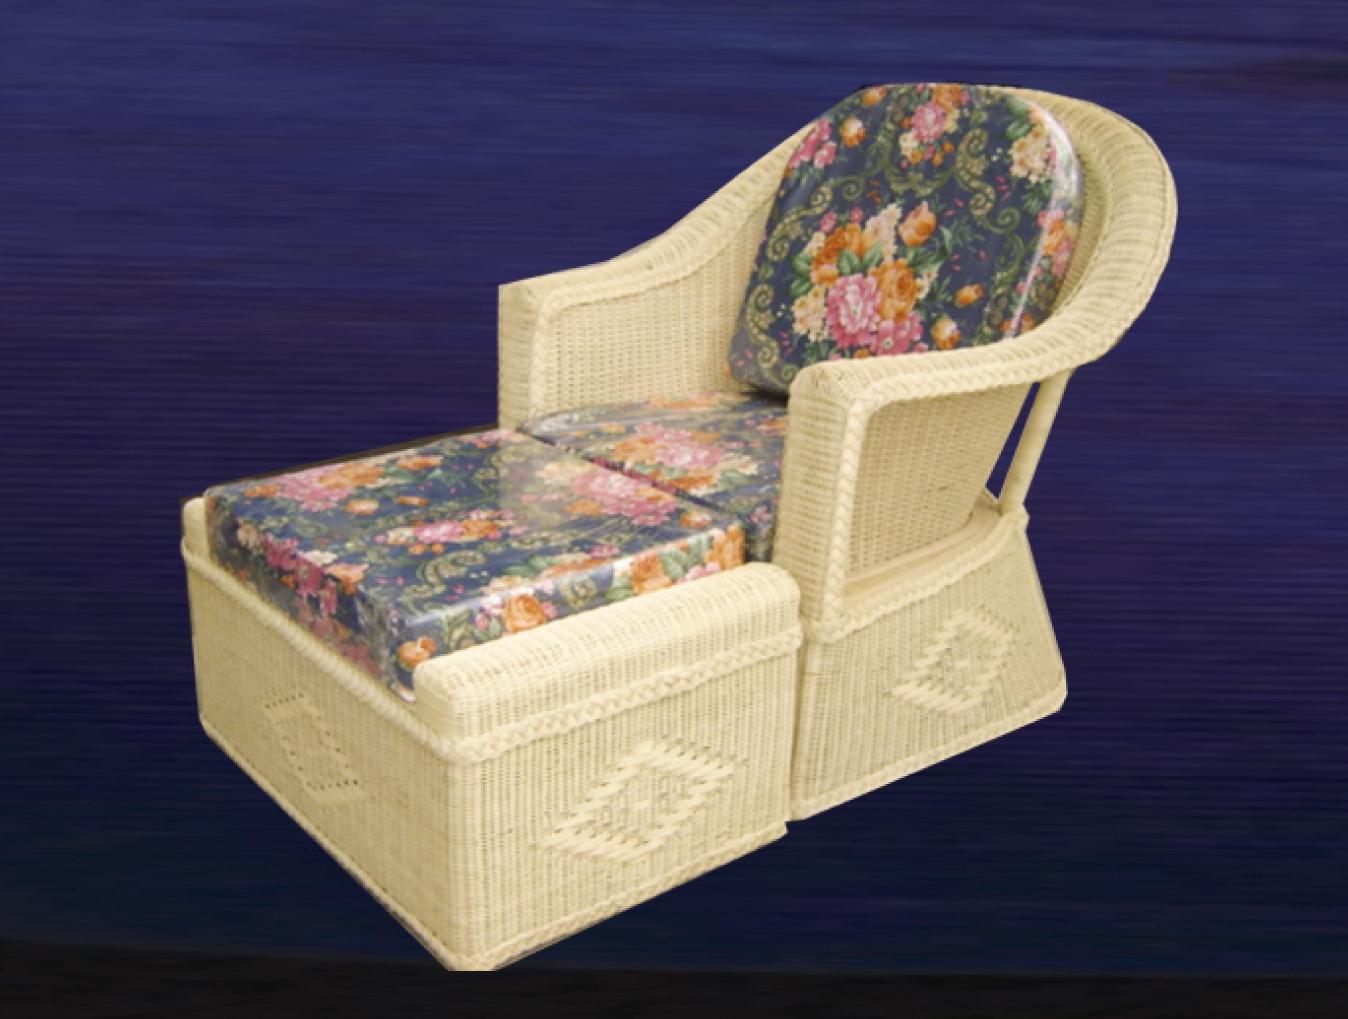 เก้าอี้พักเท้าหวาย